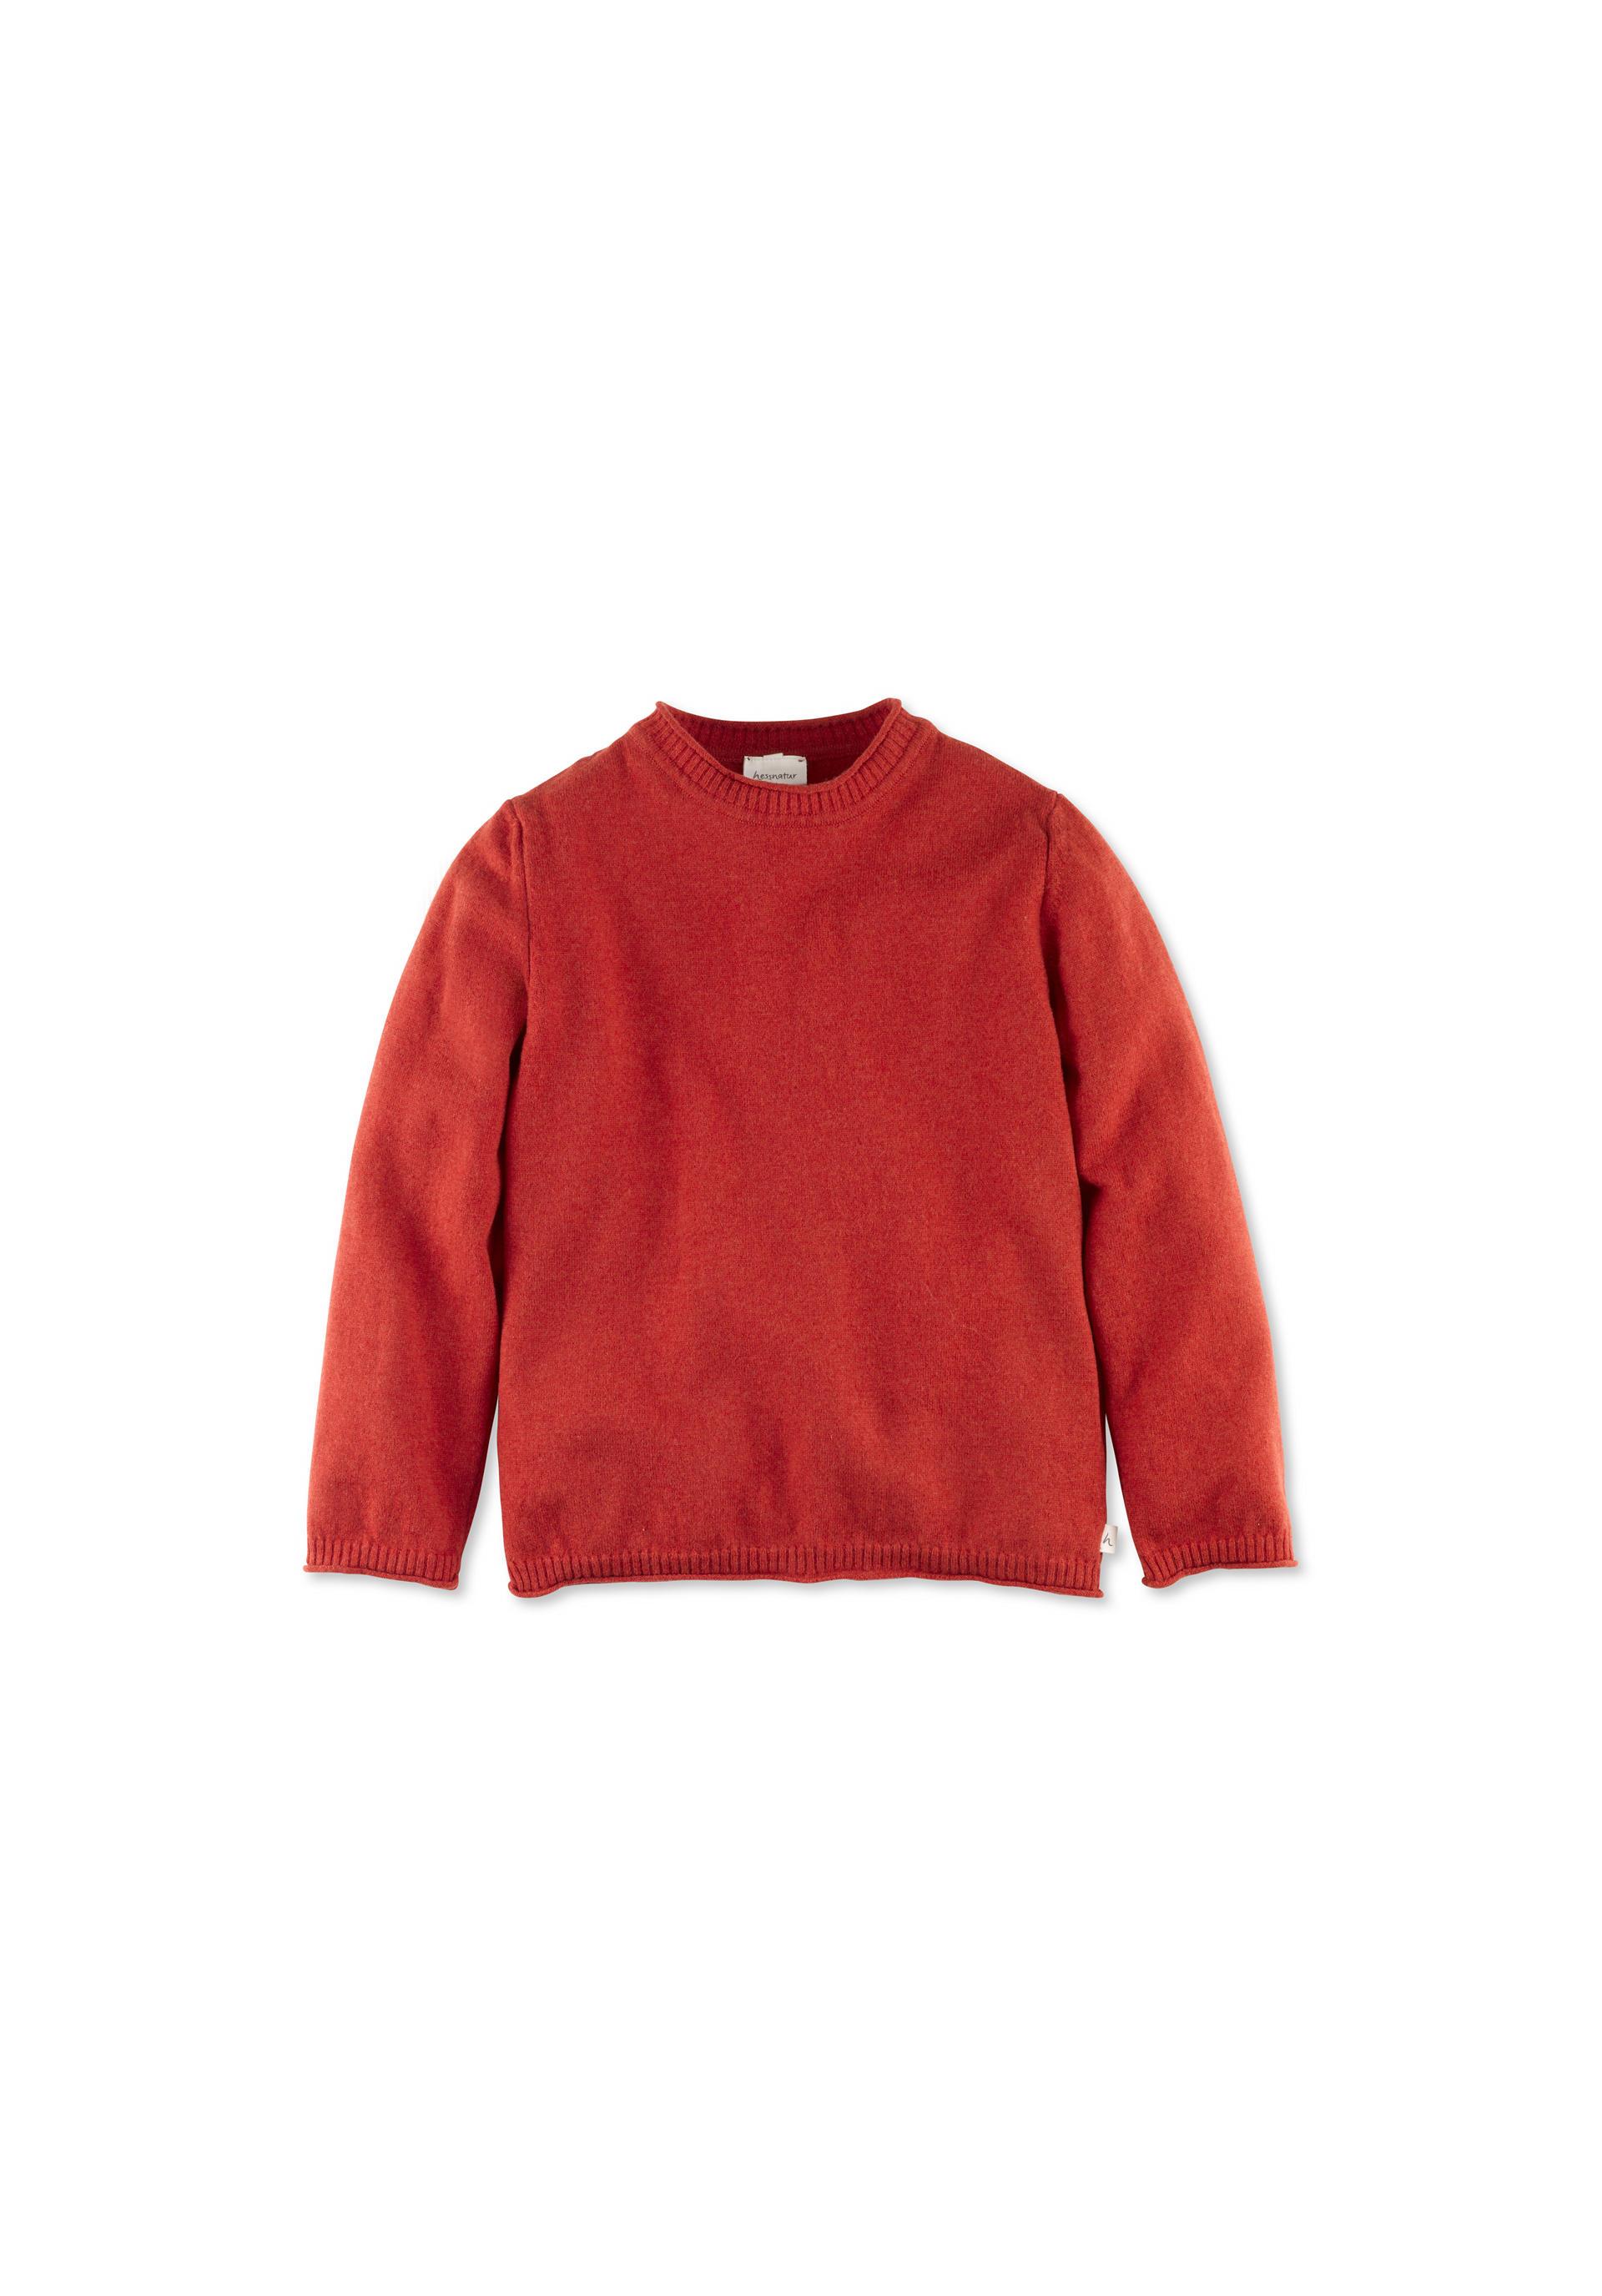 reputable site 34557 36c68 Pullover aus reiner Schurwolle von hessnatur